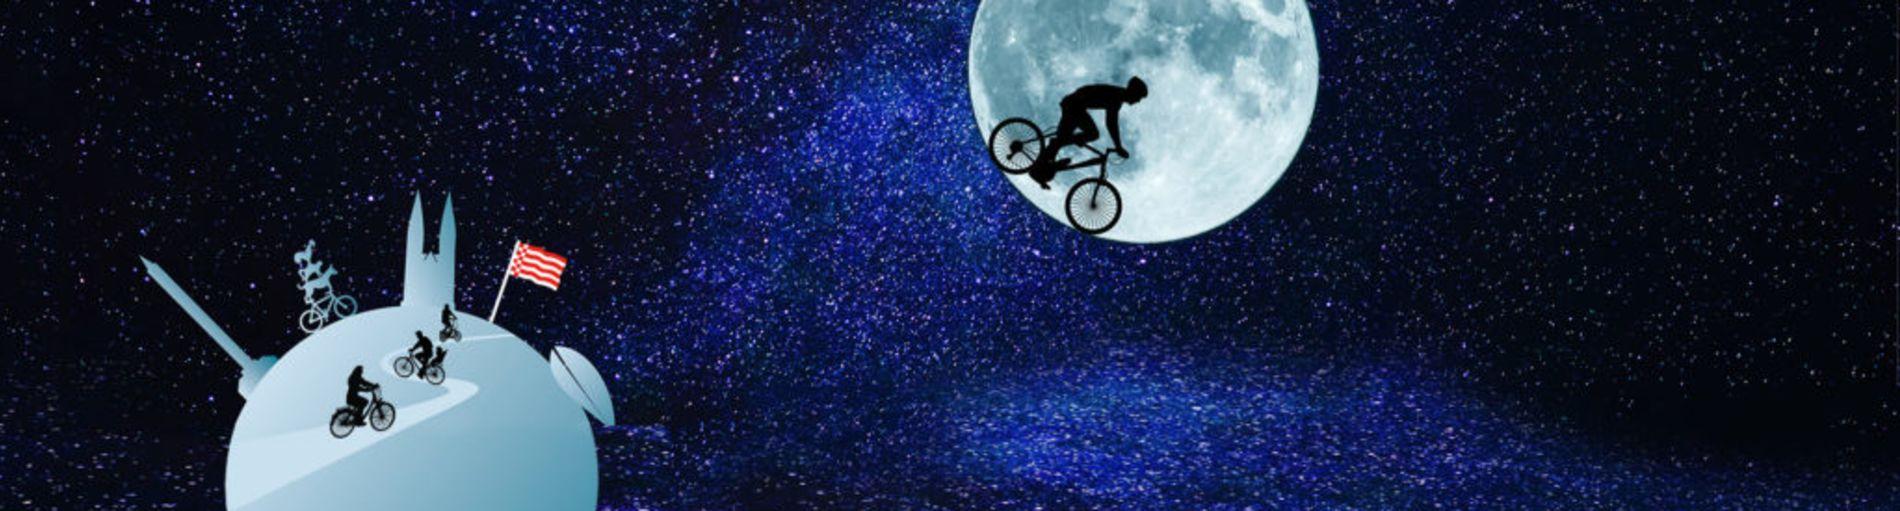 Eine Grafik, die Radfahrende auf dem Mond und Erde zeigt